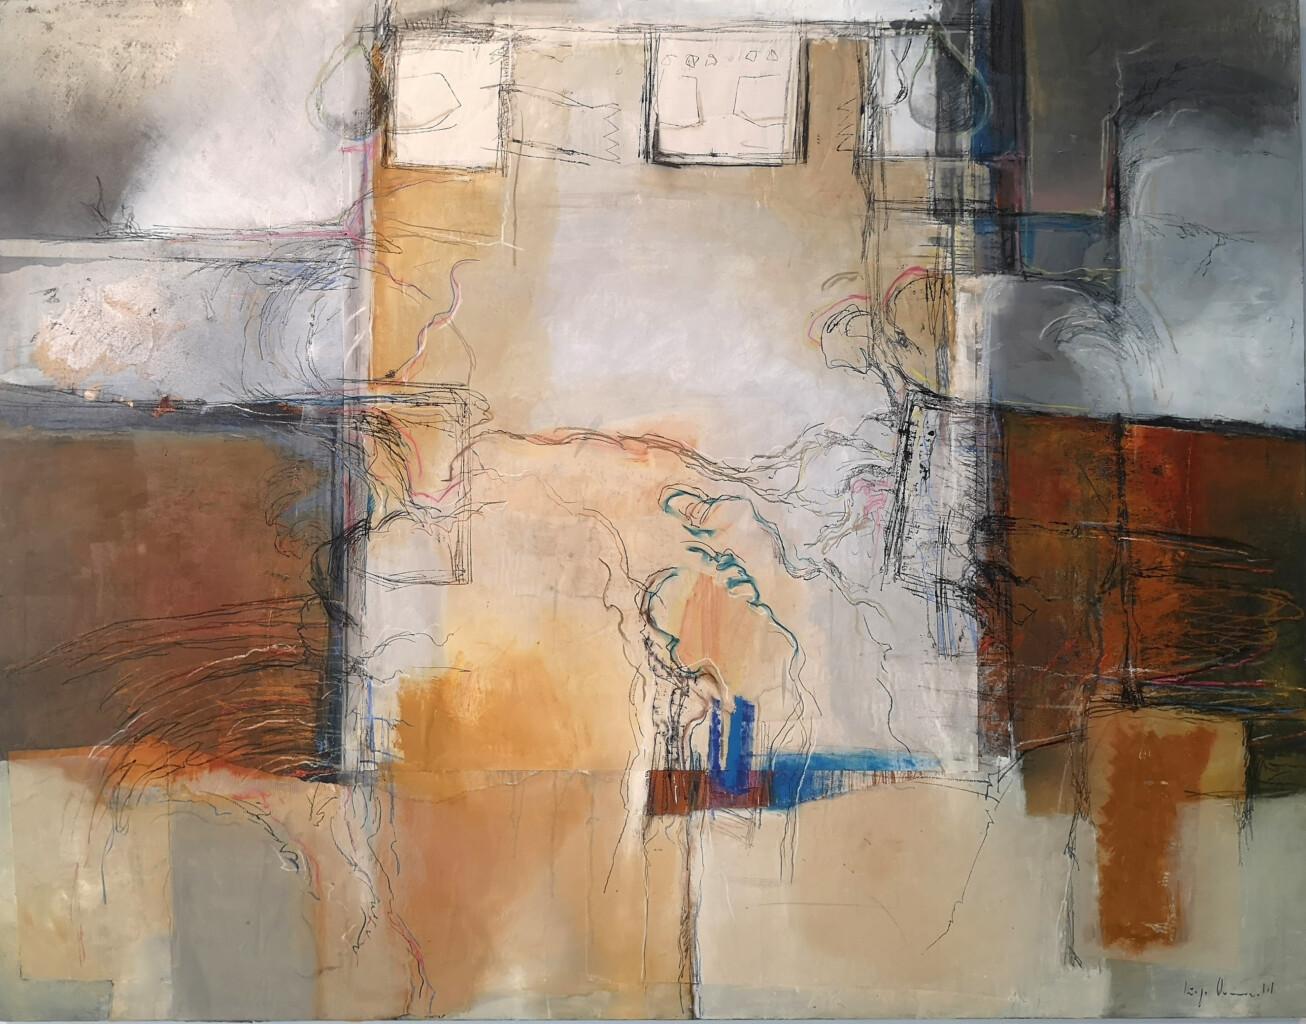 """a Galerie GAAB pour vous présenter les toiles d'Iñigo Ormazabal, que nous avons le privilège d'exposer du 16 Septembre au 30 Octobre 2021. Iñigo Ormazabal est malheureusement décédé en début d'année. Il a vécu comme il est parti, en peignant. Son épouse Margaret nous fait l'honneur de nous confier son remarquable travail. D'après Edorta Kortadi, critique d'art, """"ses peintures respirent le raffinement, le bon goût. [...] Ormazabal est un raffiné de l'abstrait."""". Reconnu pour ses peintures de très grande qualité, l'art d'Iñigo Ormazabal peut être qualifié d'Expressionnisme Abstrait. Il s'inscrit dans la lignée de Rothko et d'autres grands expressionnistes américains. Adepte des tons ocres et oranges, en gestes déconstruits, il créé des toiles colorées, géométriques, aux finitions soignées. Iñigo Ormazabal aime accentuer les contrastes et jouer sur les textures. Sa technique est mixte. Il s'emploie parfois à la superposition de peinture et au grattage, qui apportent du relief à la toile, ou bien à la technique du collage – utilisée dans de nombreux cas, mais à peine perceptible – qui permet de créer des dimensions, varier les plans. Certaines toiles sont réalisées à l'intuition, d'autres nécessitent une réflexion. N'hésitez pas à nous contacter pour de plus amples renseignements. Bien cordialement, Anne et Léa Ouvert du mardi au samedi inclus 10h30-13h / 15h-19h 8 rue Gambetta Biarritz 64200 Tél : 0559237226 www.galeriegaab-biarritz.com"""